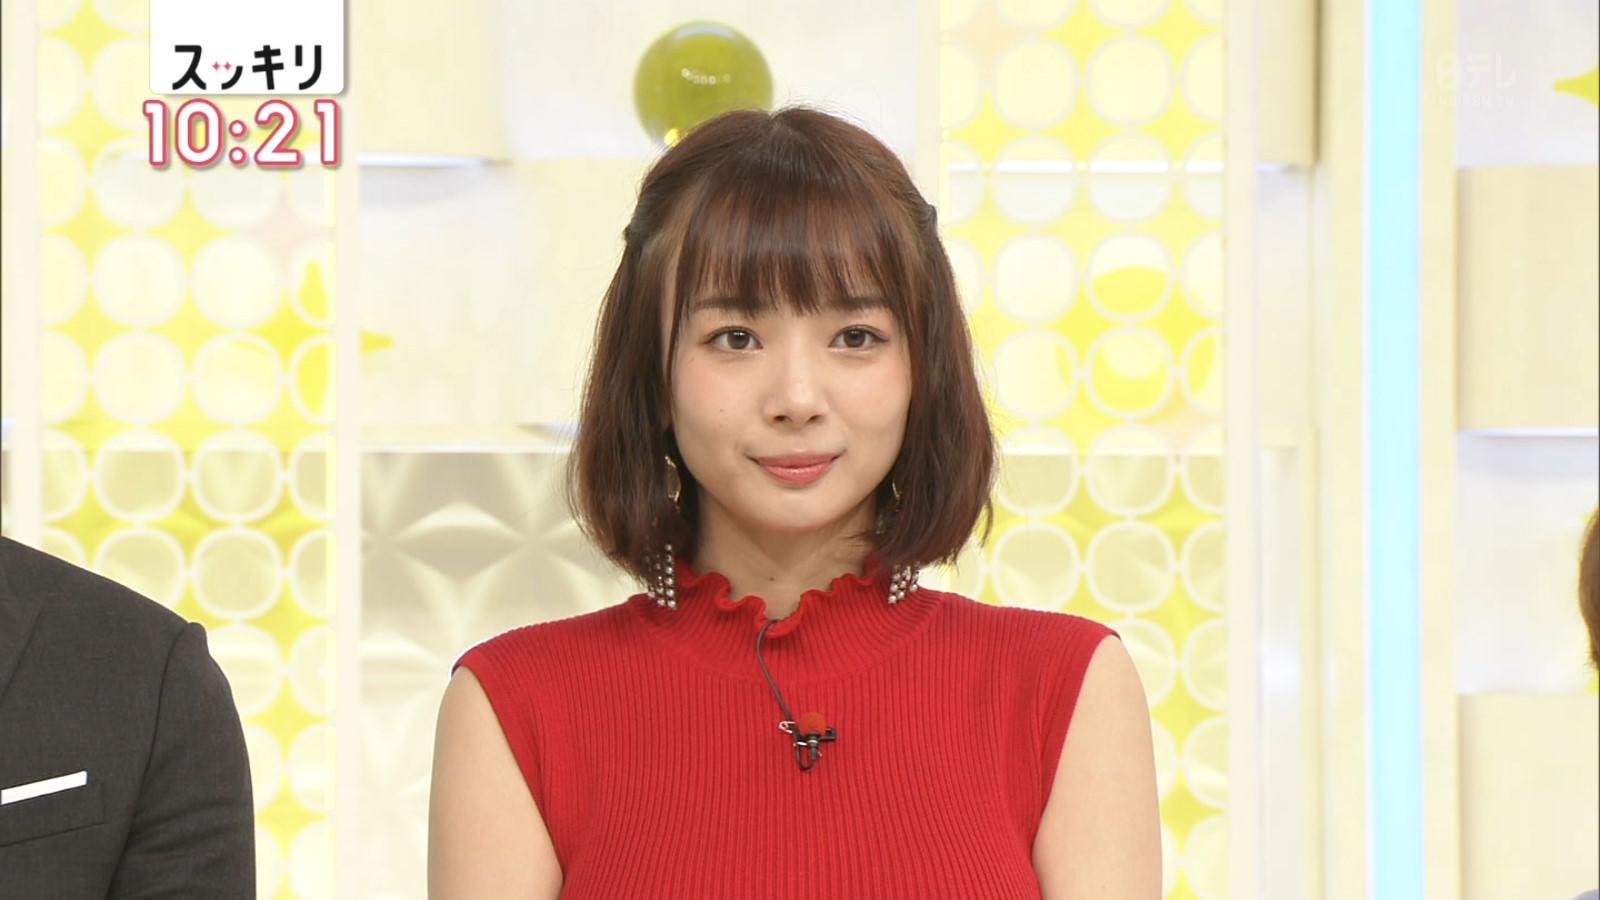 岡田紗佳 美人ハーフモデルのニットワンピの着衣巨乳!スタイル良すぎwwww